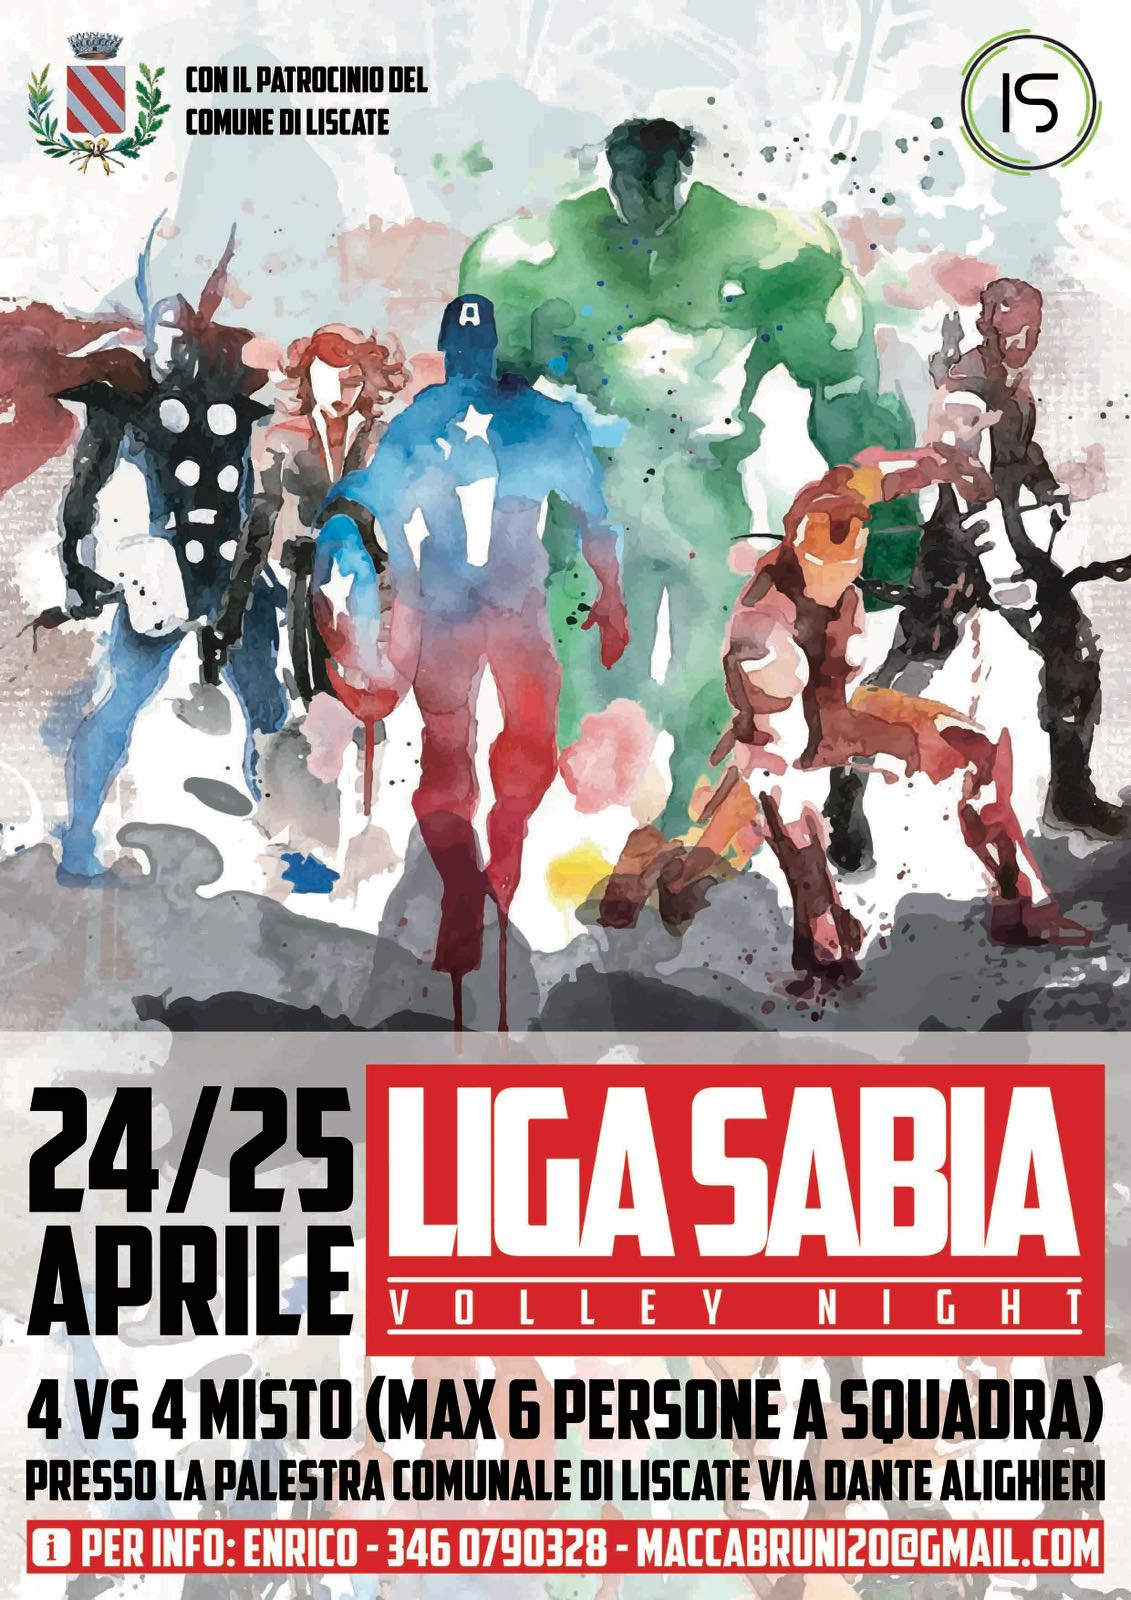 Locandina Volley Night 24 e 25 aprile 2018